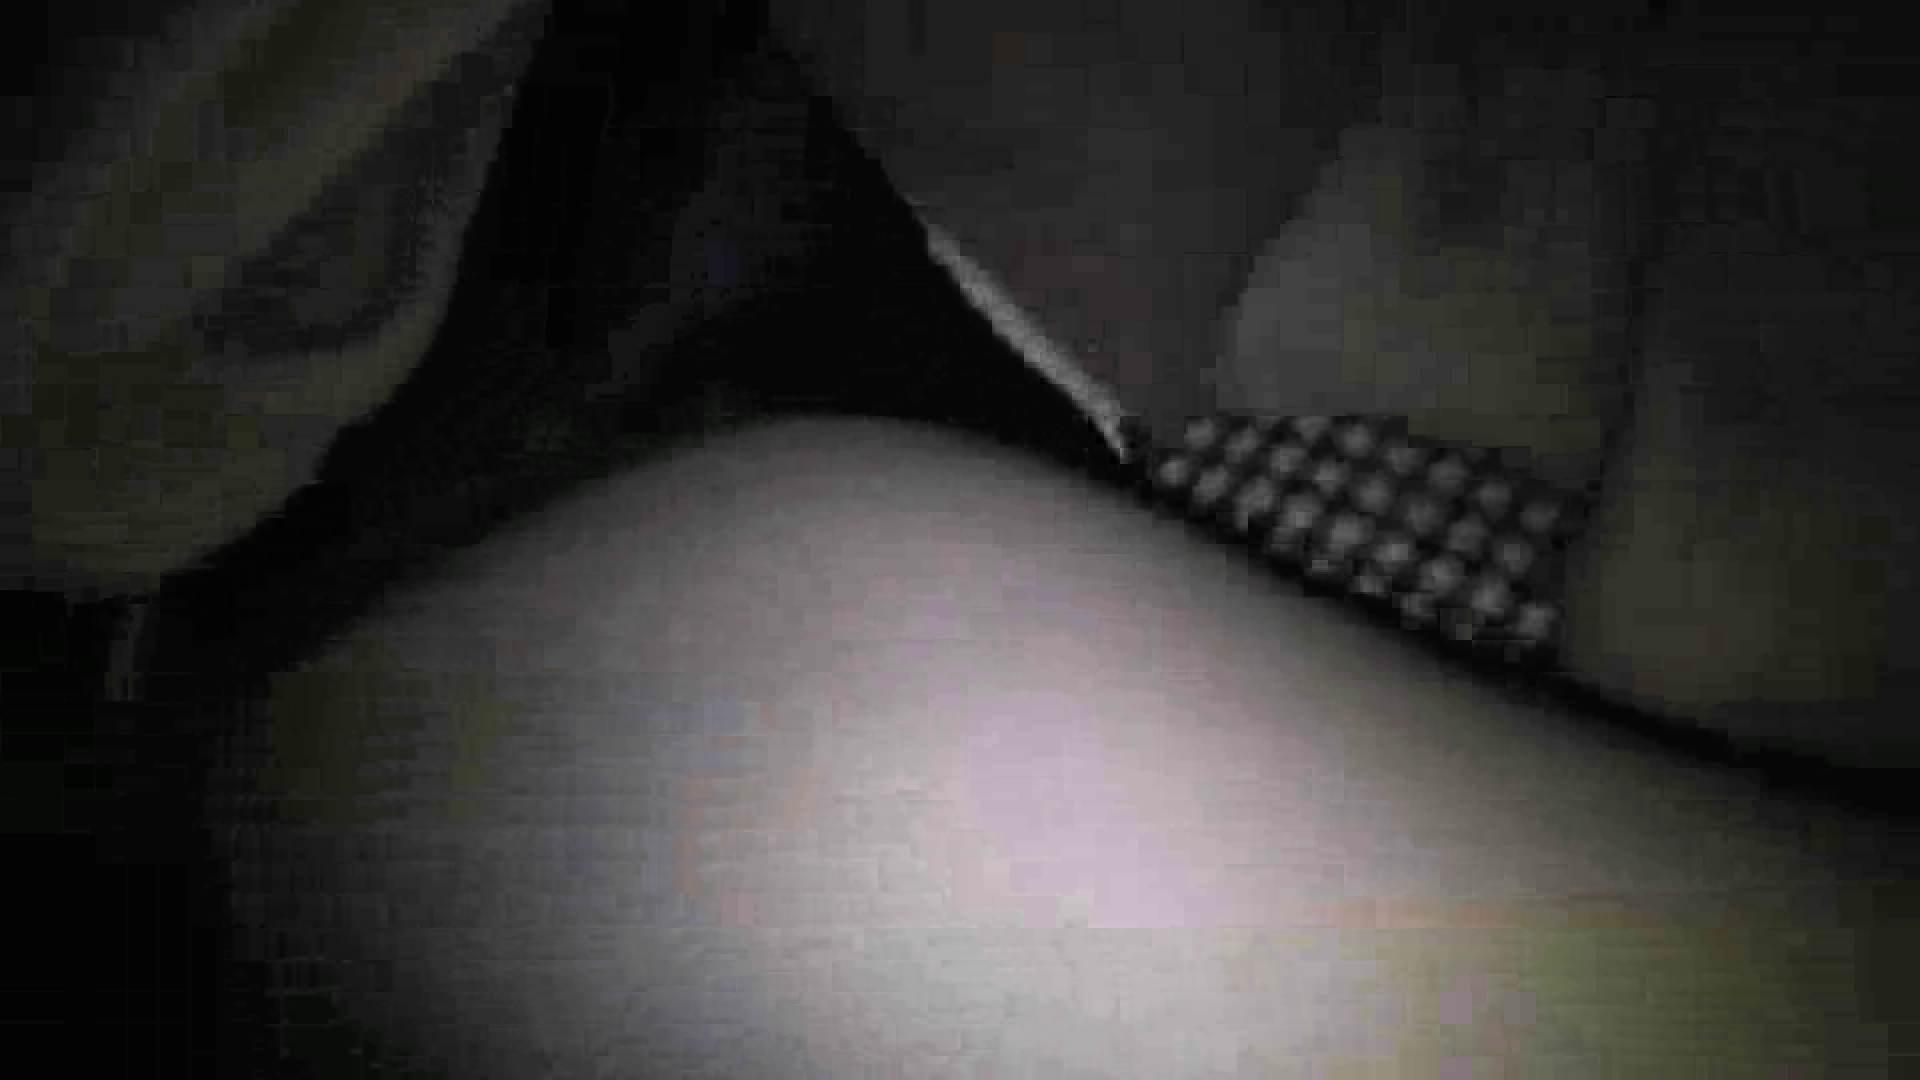 (年末年始限定復活)悲鳴☆懲役12年の犯行記録 現役ギャル | マンコ・ムレムレ  94pic 46